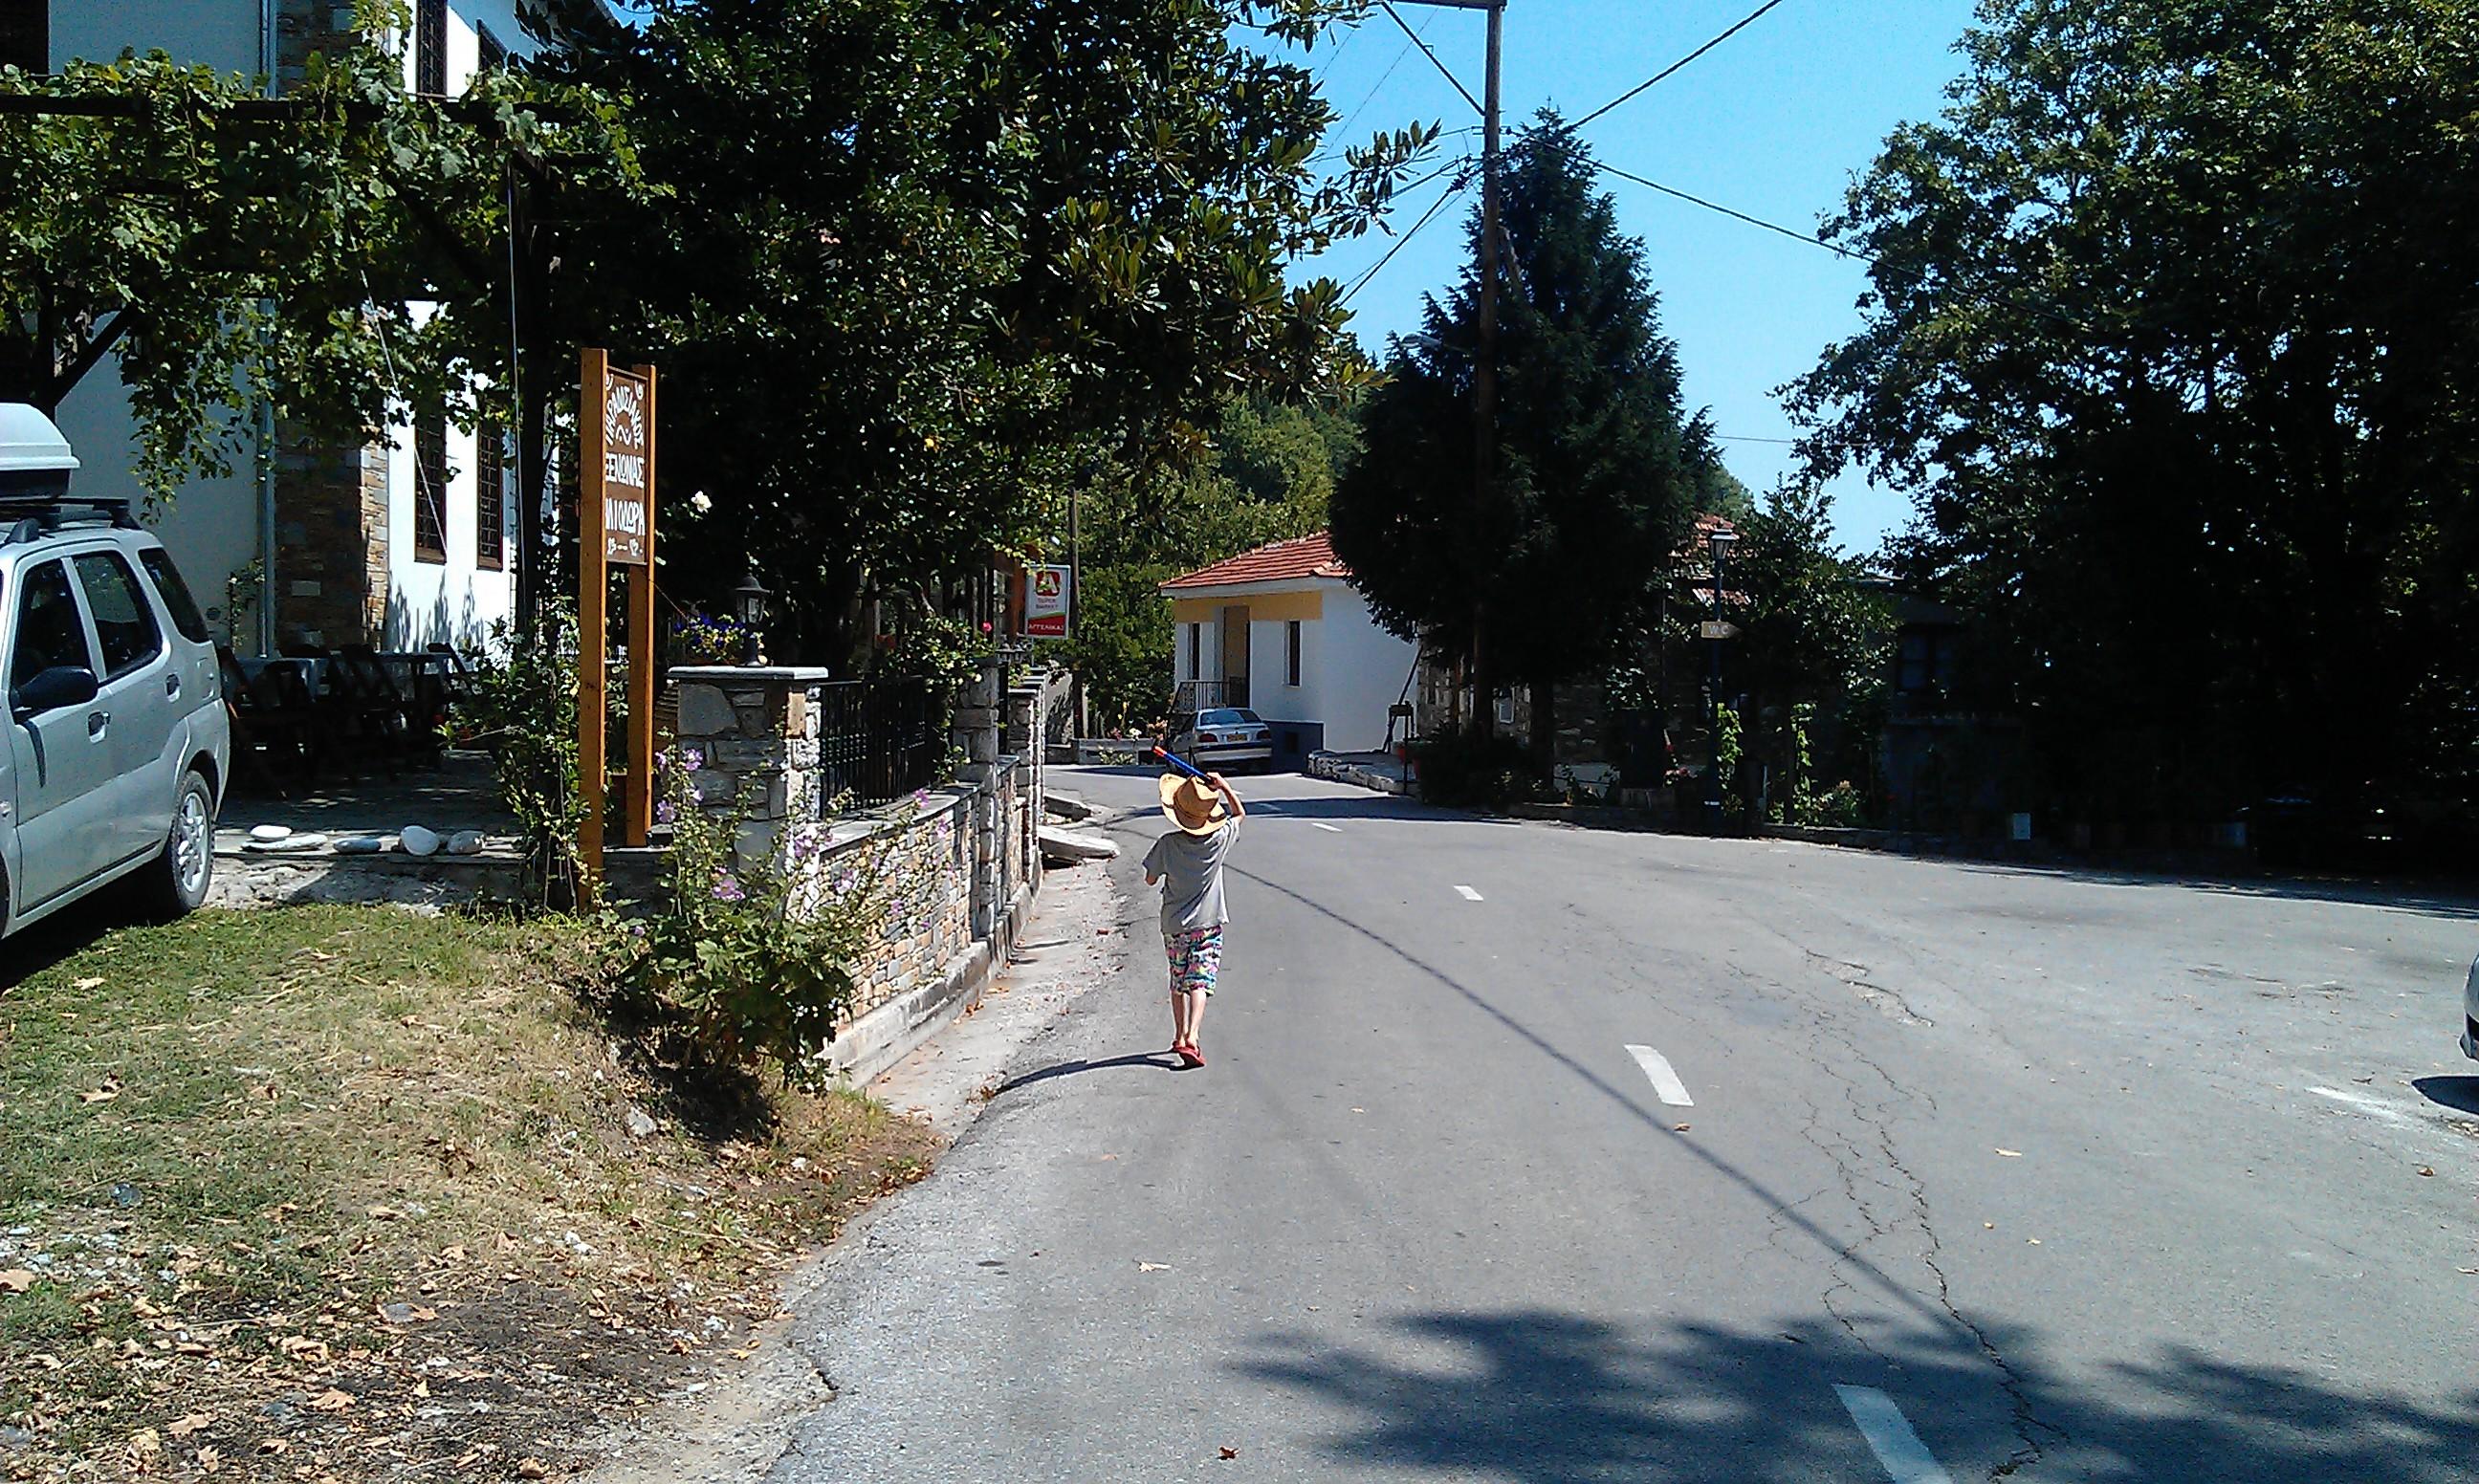 walking along a Greek Road